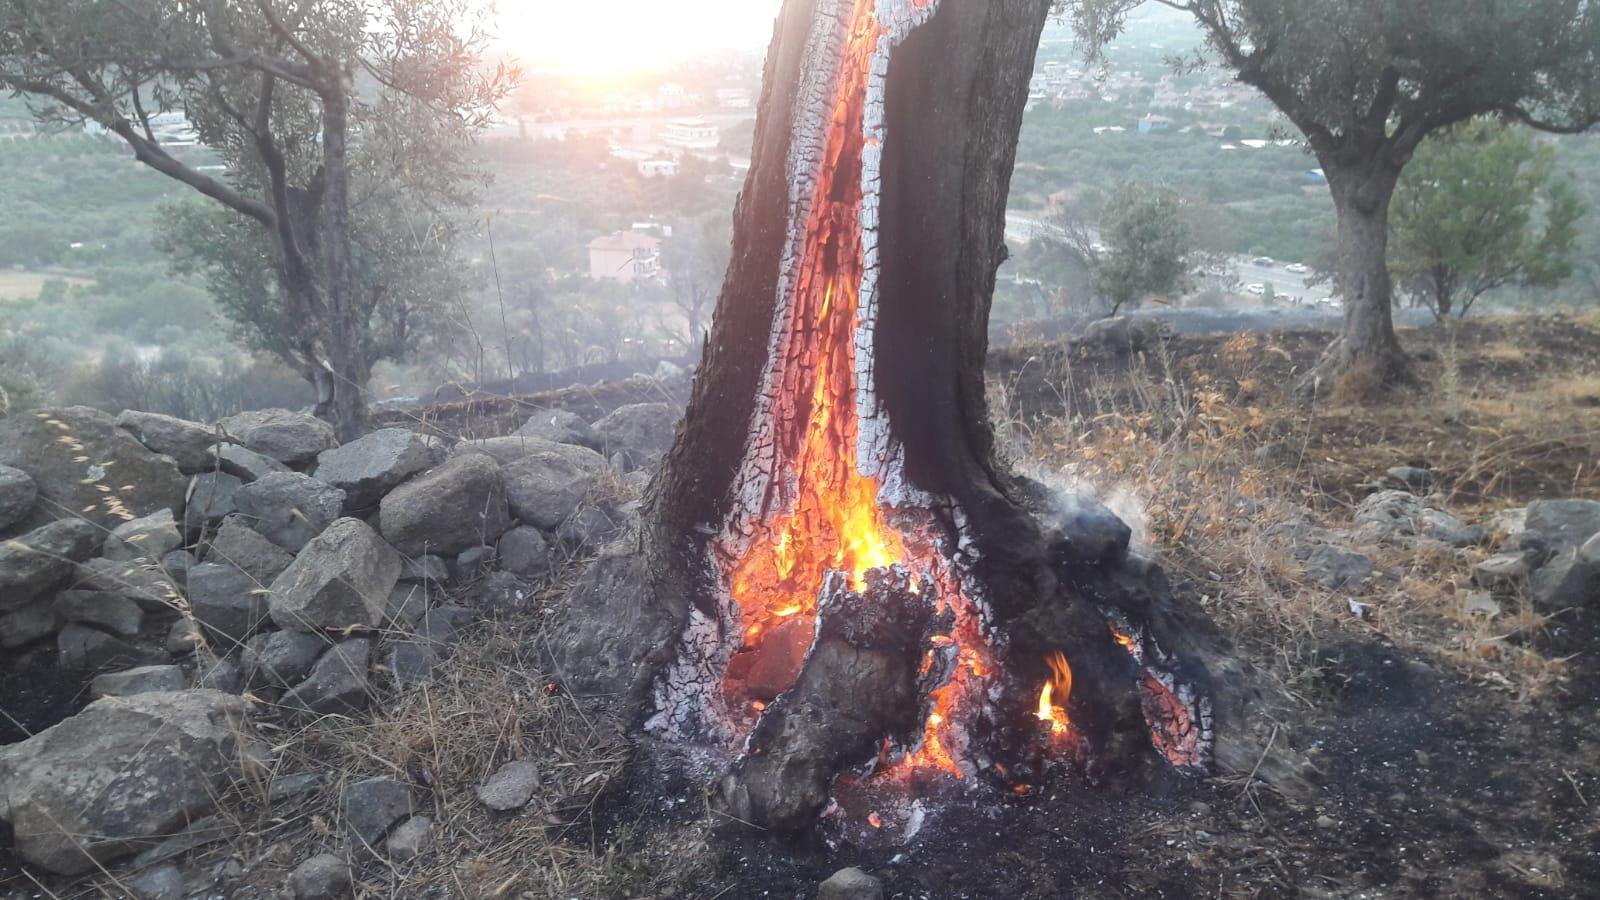 İzmir'de Orman Yangınında Zeytin Ağaçları Kül Oldu